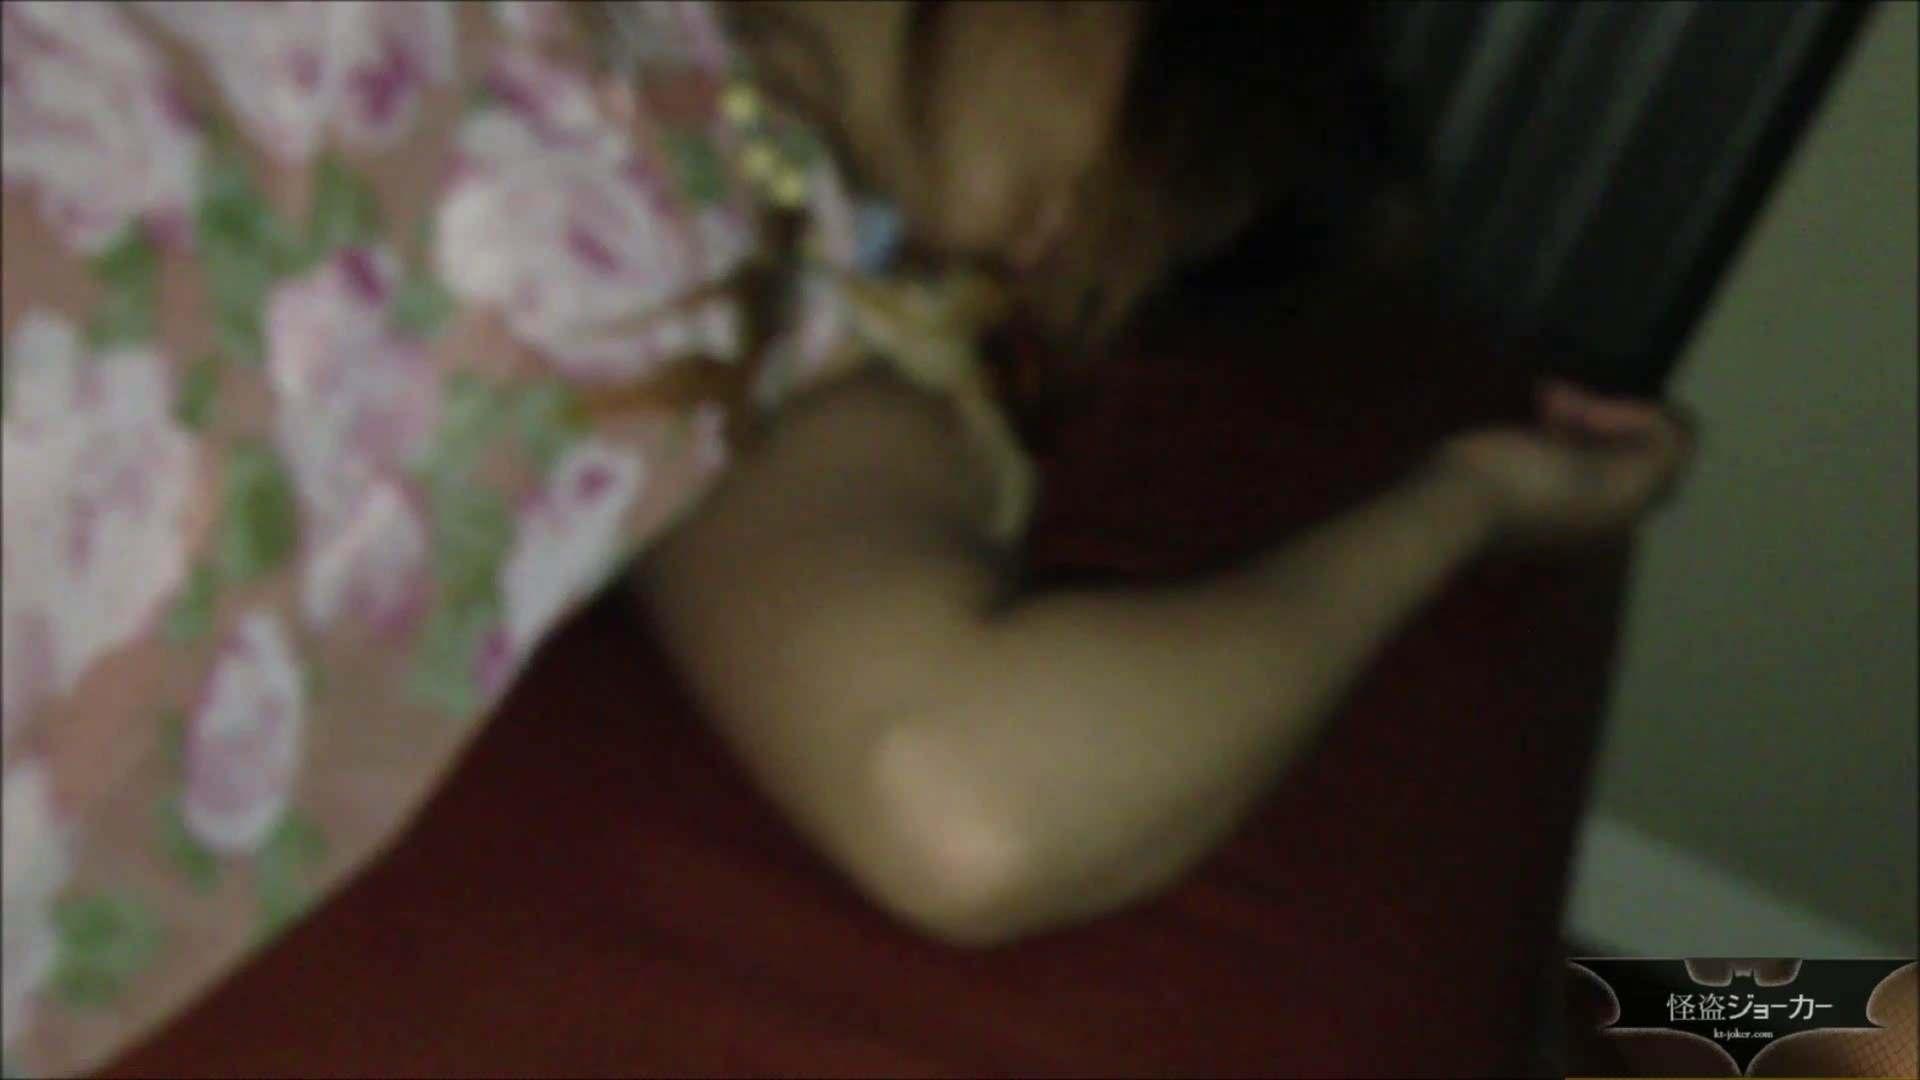 【未公開】vol.68{BLENDA系美女}UAちゃん_甘い香りと生臭い香り HなOL オマンコ動画キャプチャ 79pic 17